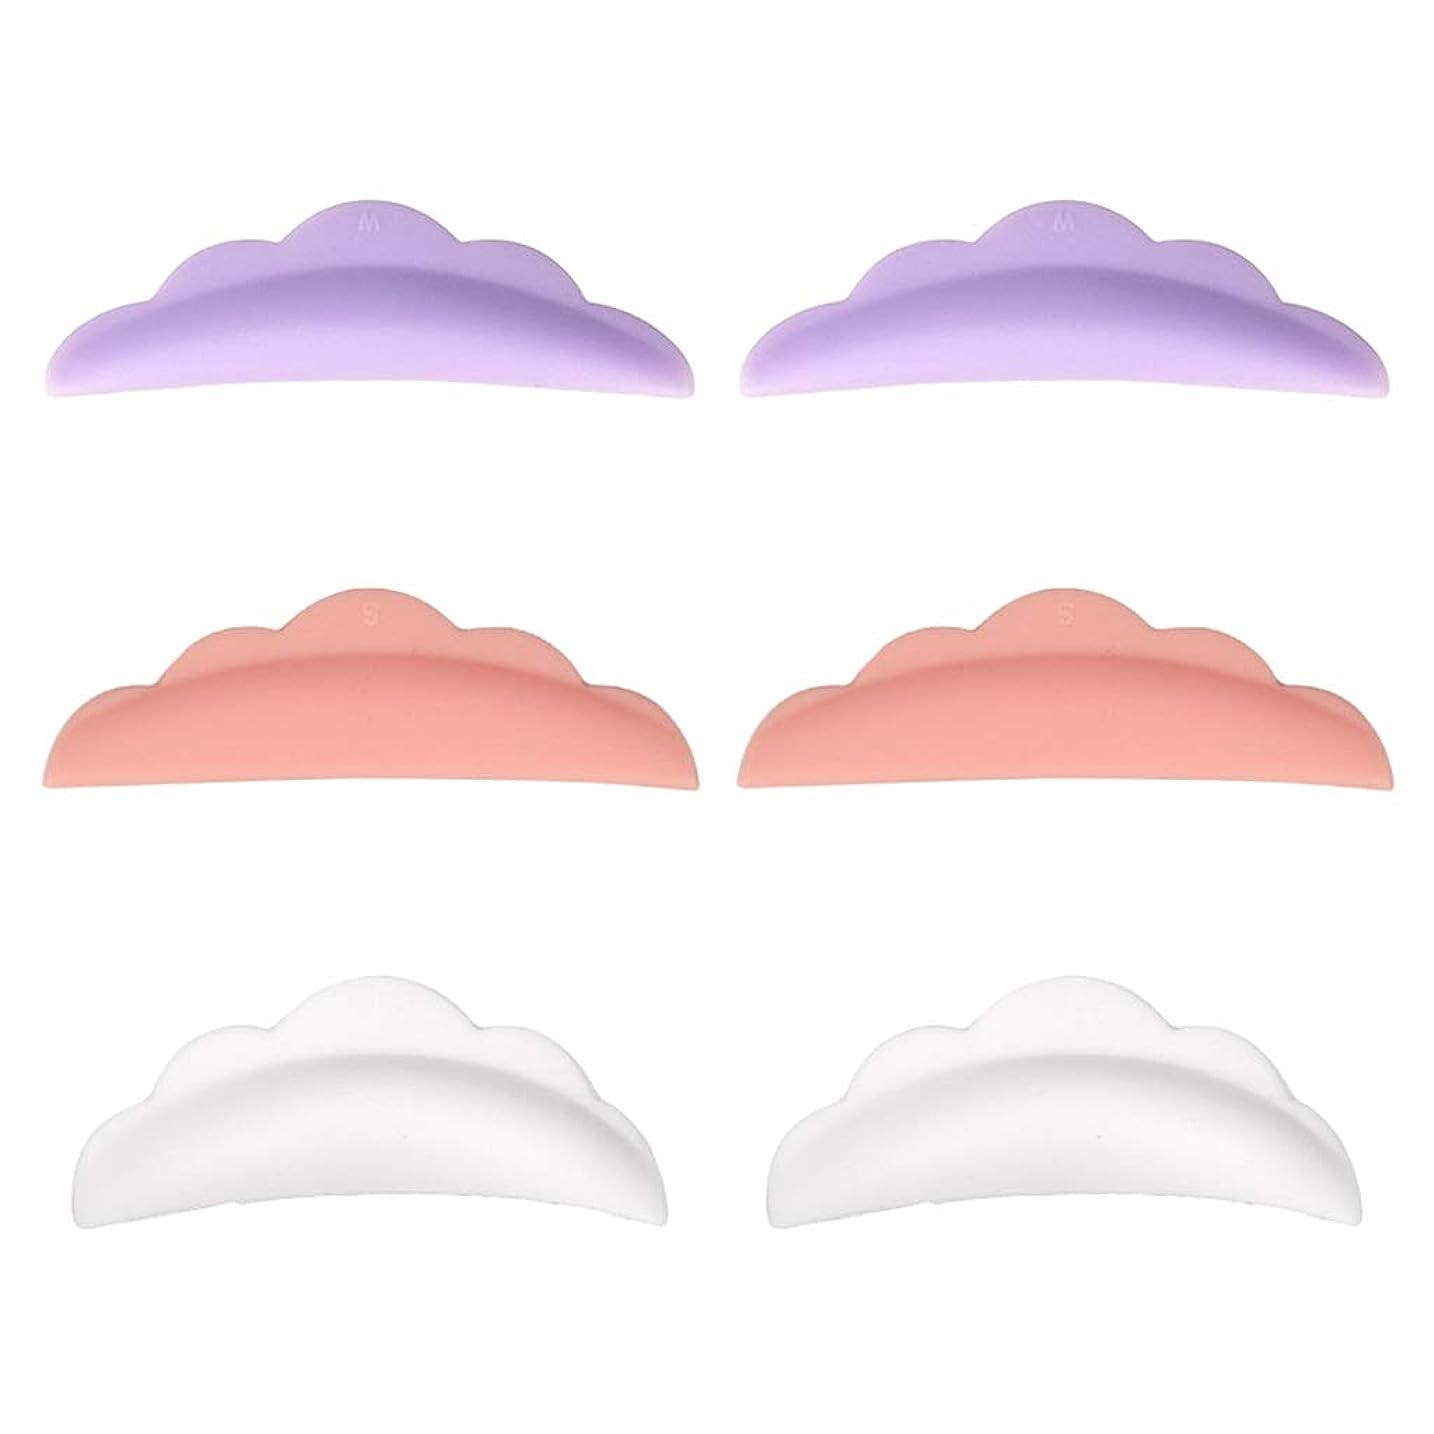 抱擁祈る減衰CUTICATE まつげカーリングパッド まつげパッド シリコーン やわらかい 再利用可能 使いやすい 3対セット